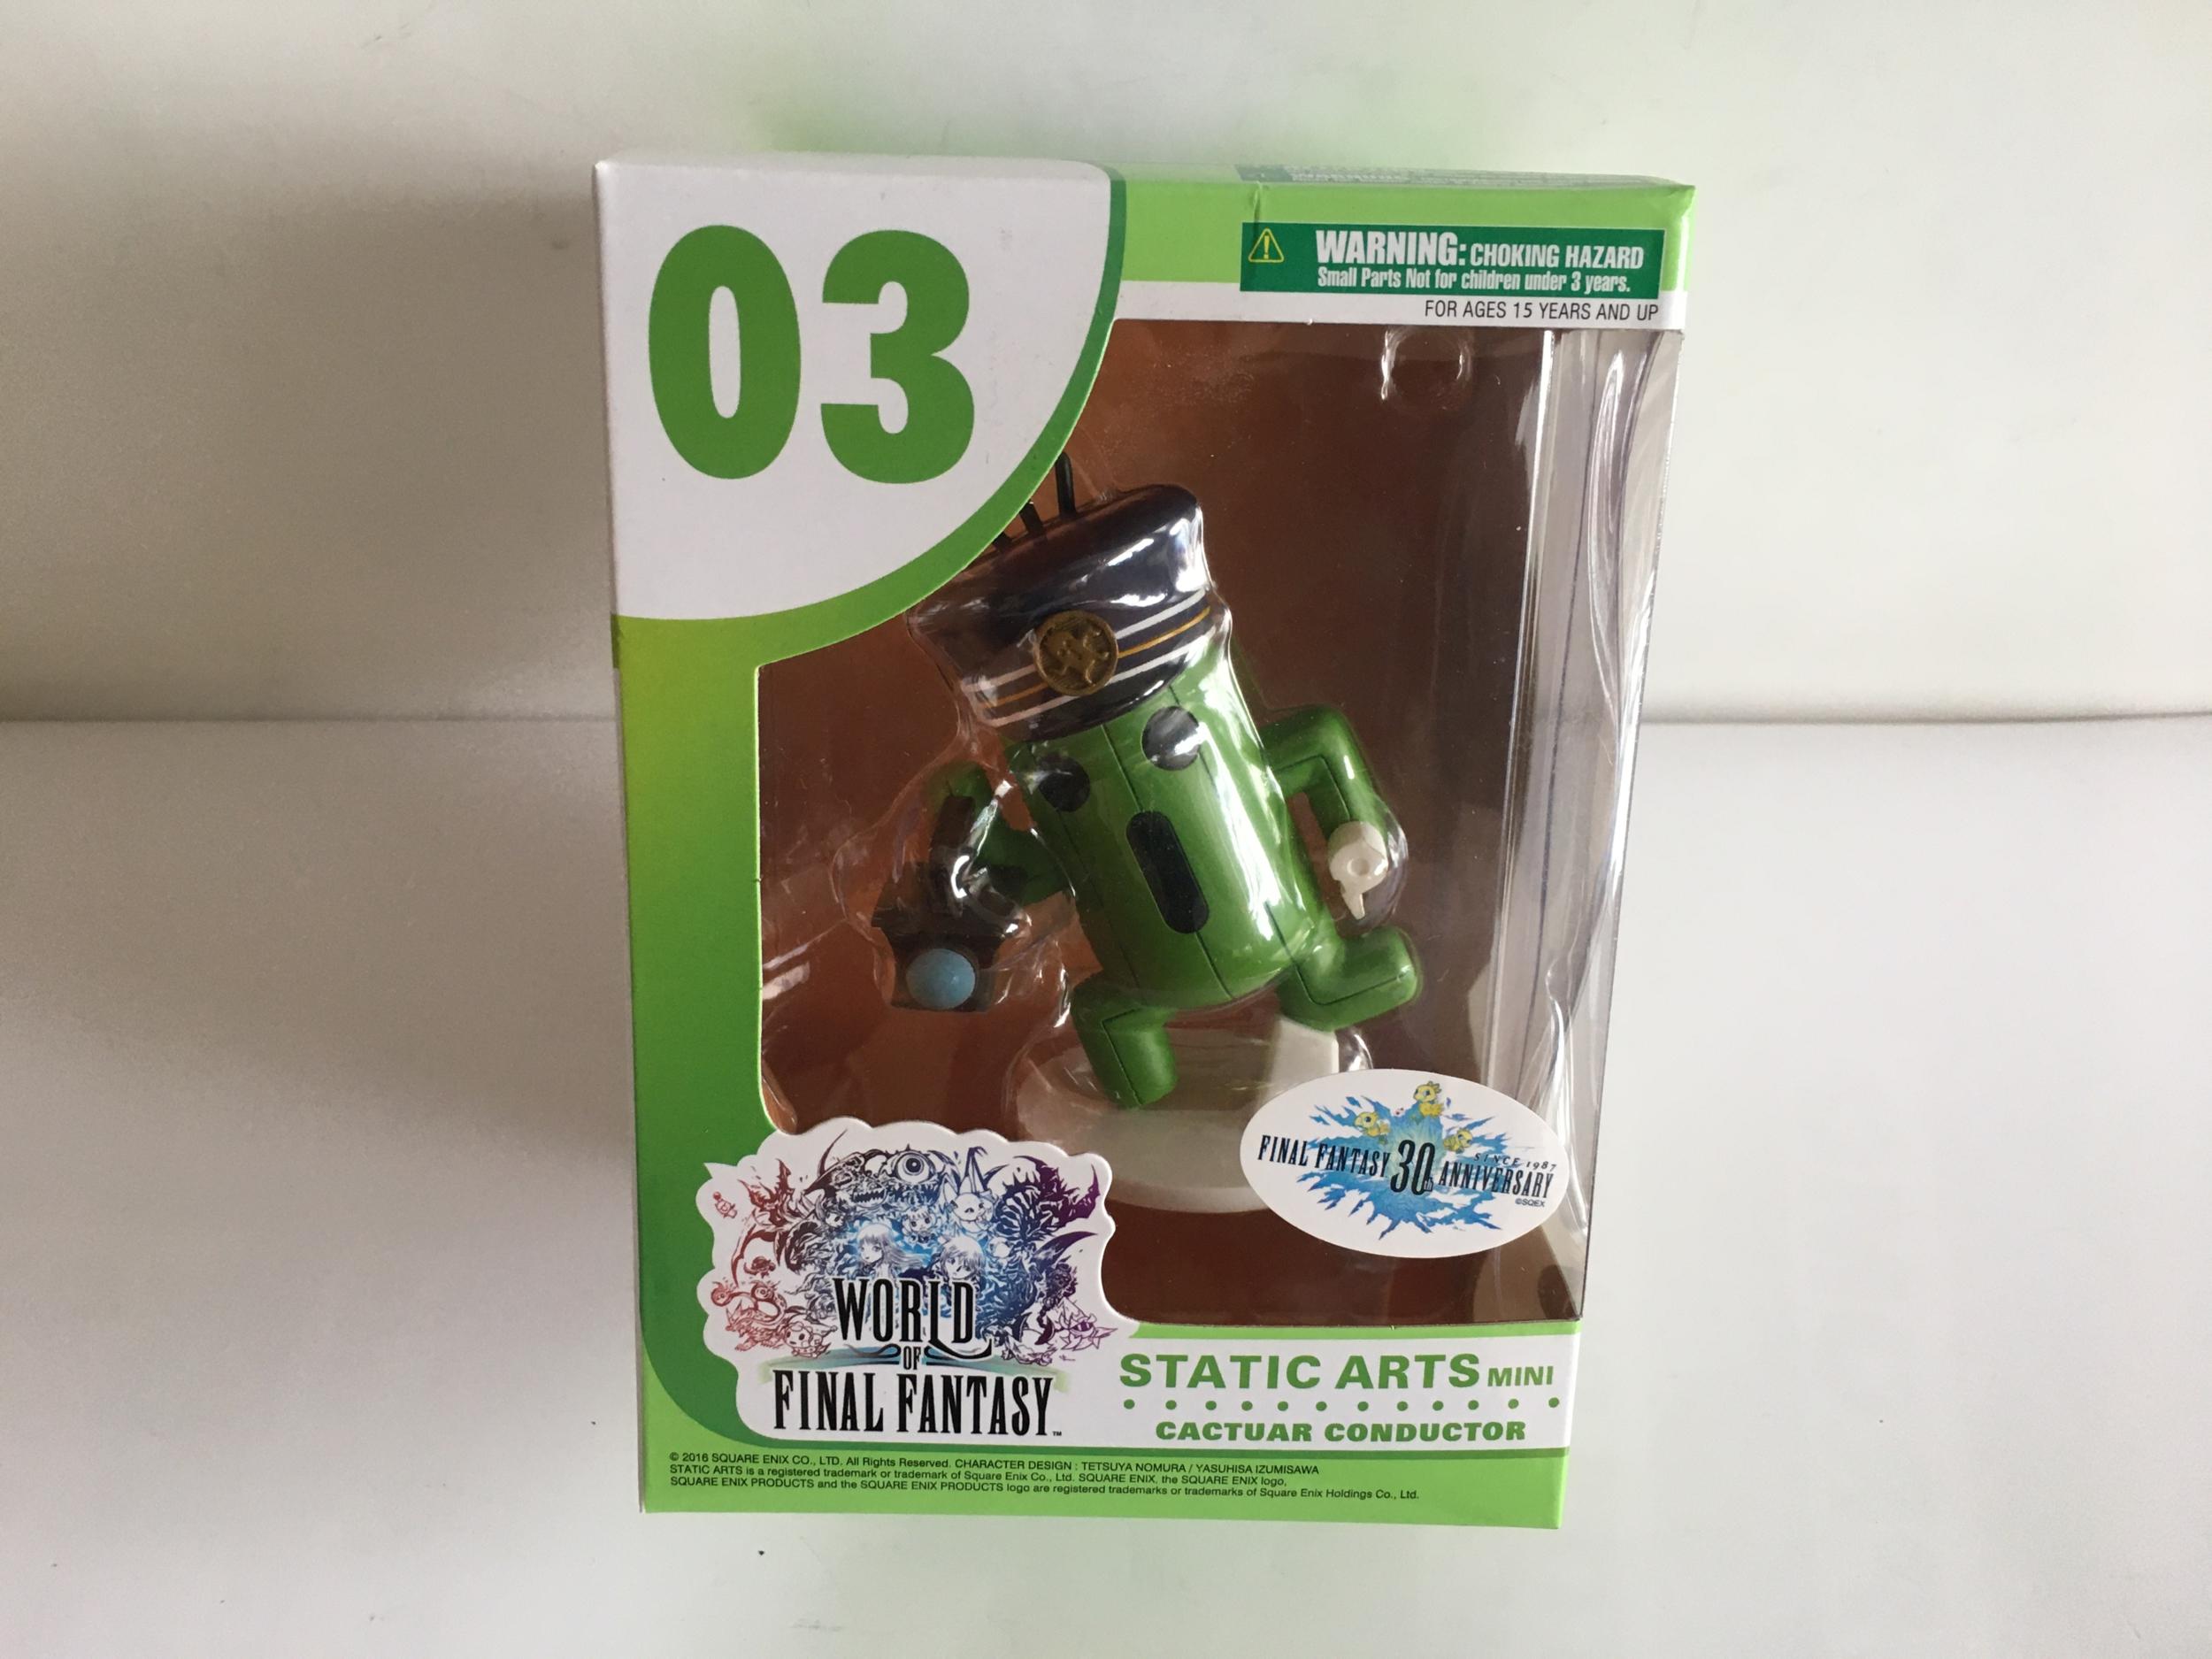 WORLD OF FINAL FANTASY STATIC ARTS mini Cactuar Conductor Square Enix